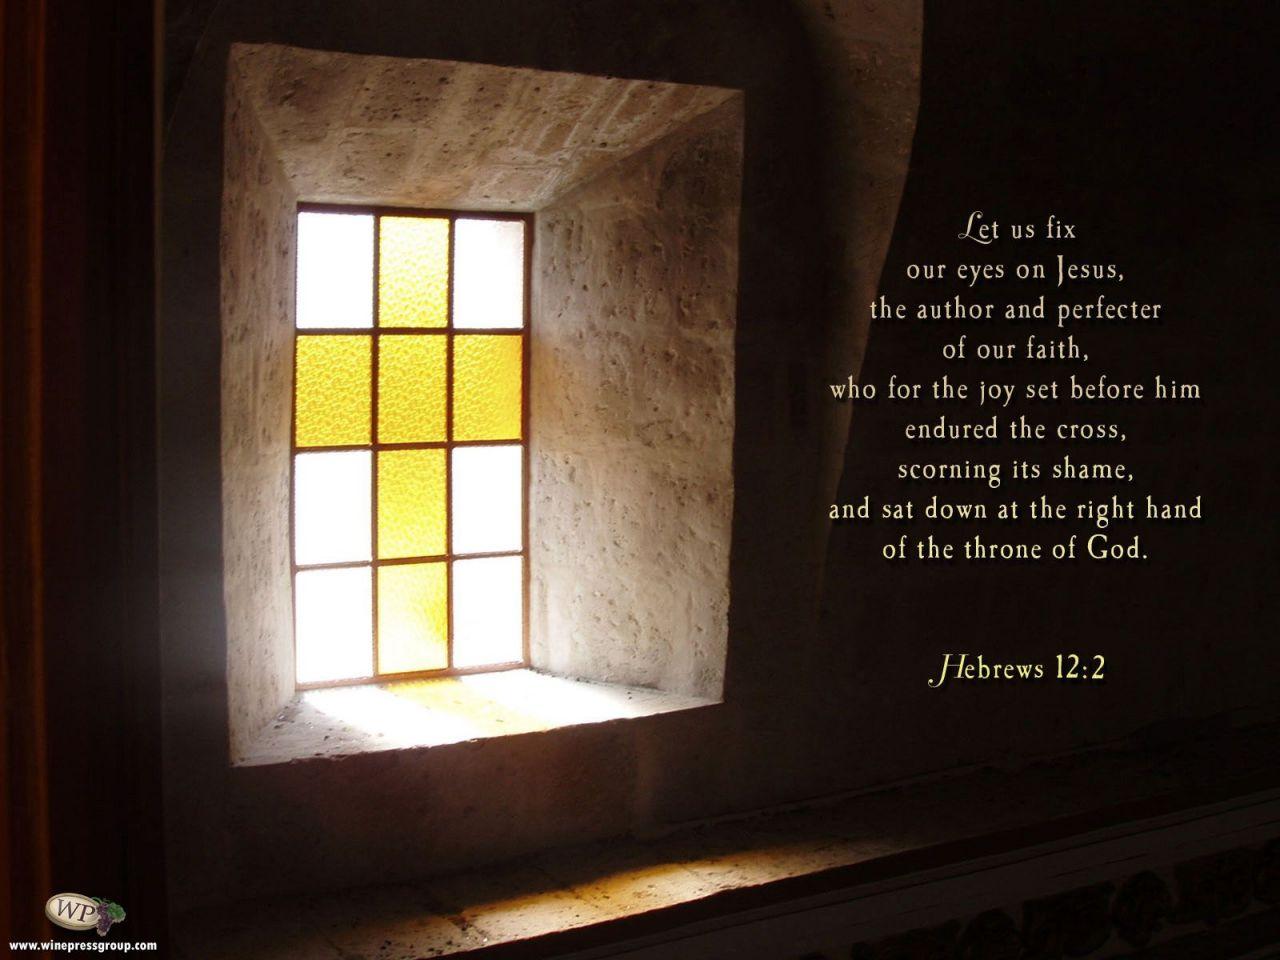 http://4.bp.blogspot.com/-9eF98ozya3o/Tgzs9S3K8MI/AAAAAAAAARw/49og4AdmTM4/s1600/christian+background+wallpaper+hebrews-122.jpg